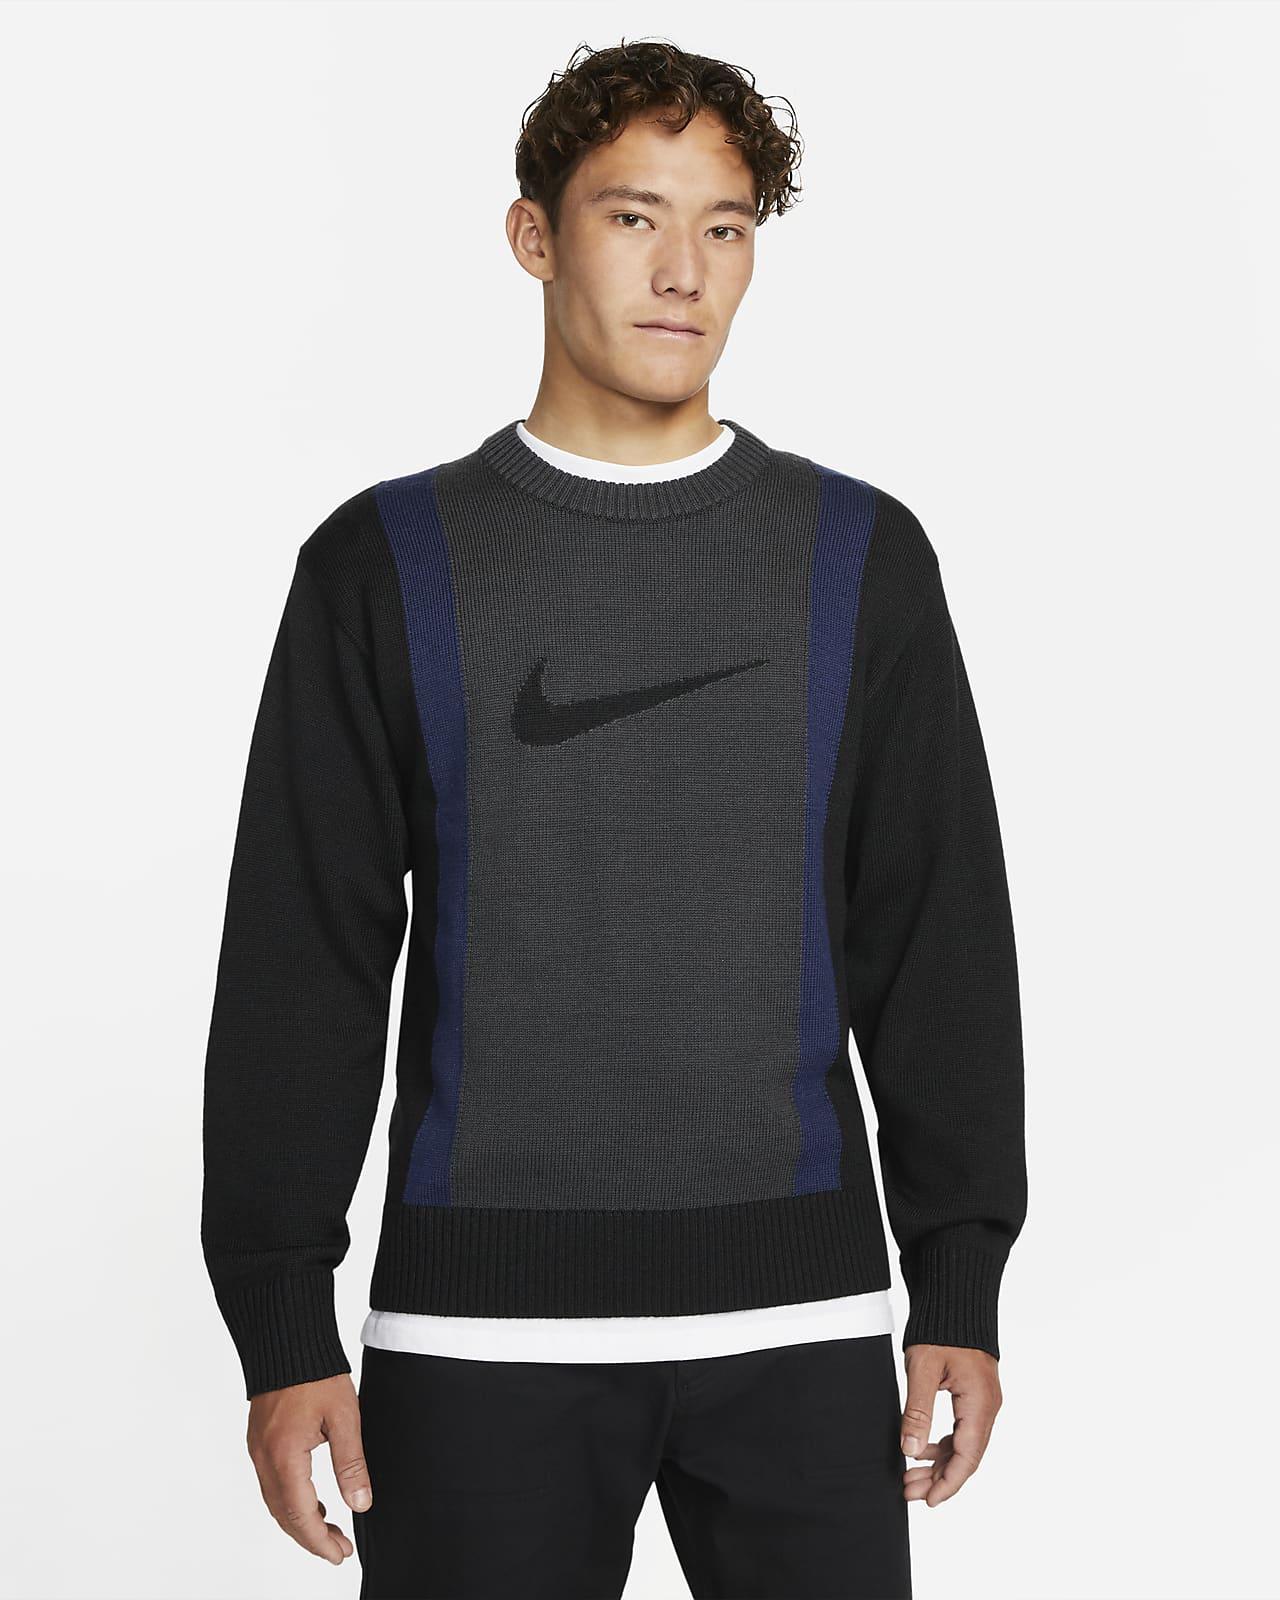 Nike SB 男子滑板毛衣